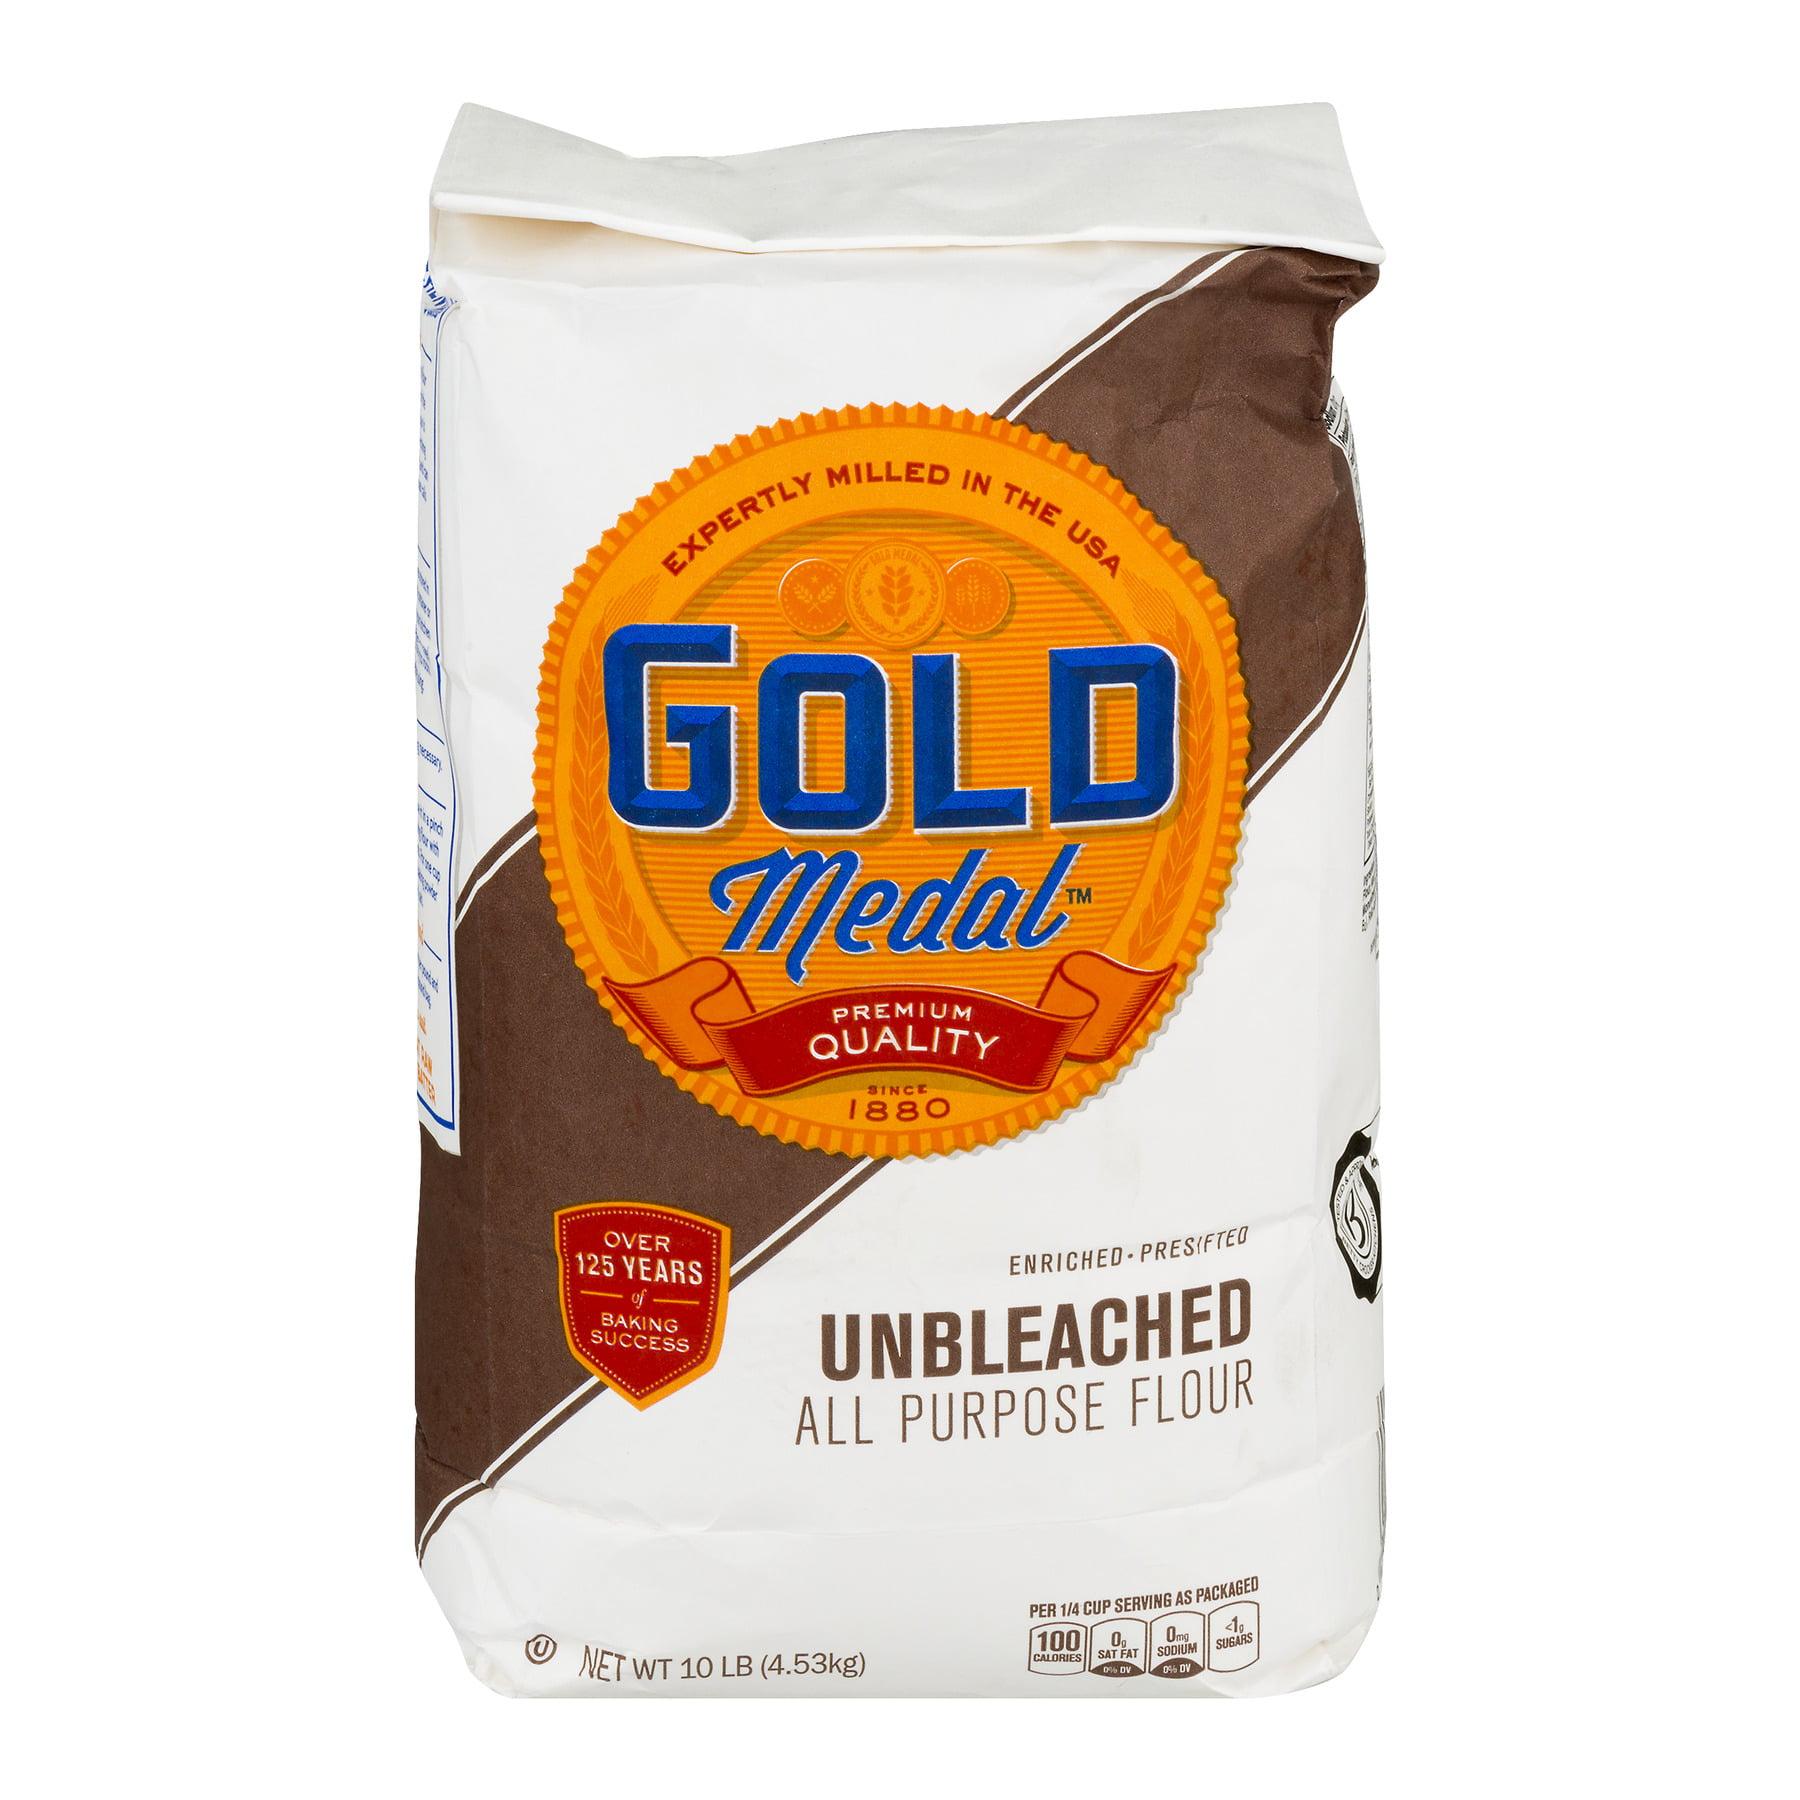 Gold Medal® Unbleached All Purpose Flour 10.0 lb Bag, 10.0 LB